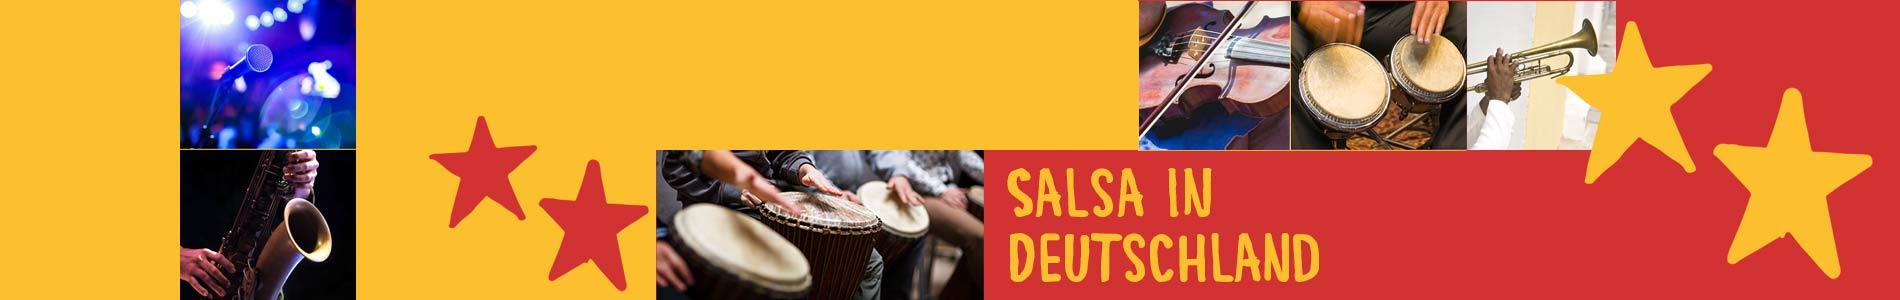 Salsa in Borkwalde – Salsa lernen und tanzen, Tanzkurse, Partys, Veranstaltungen